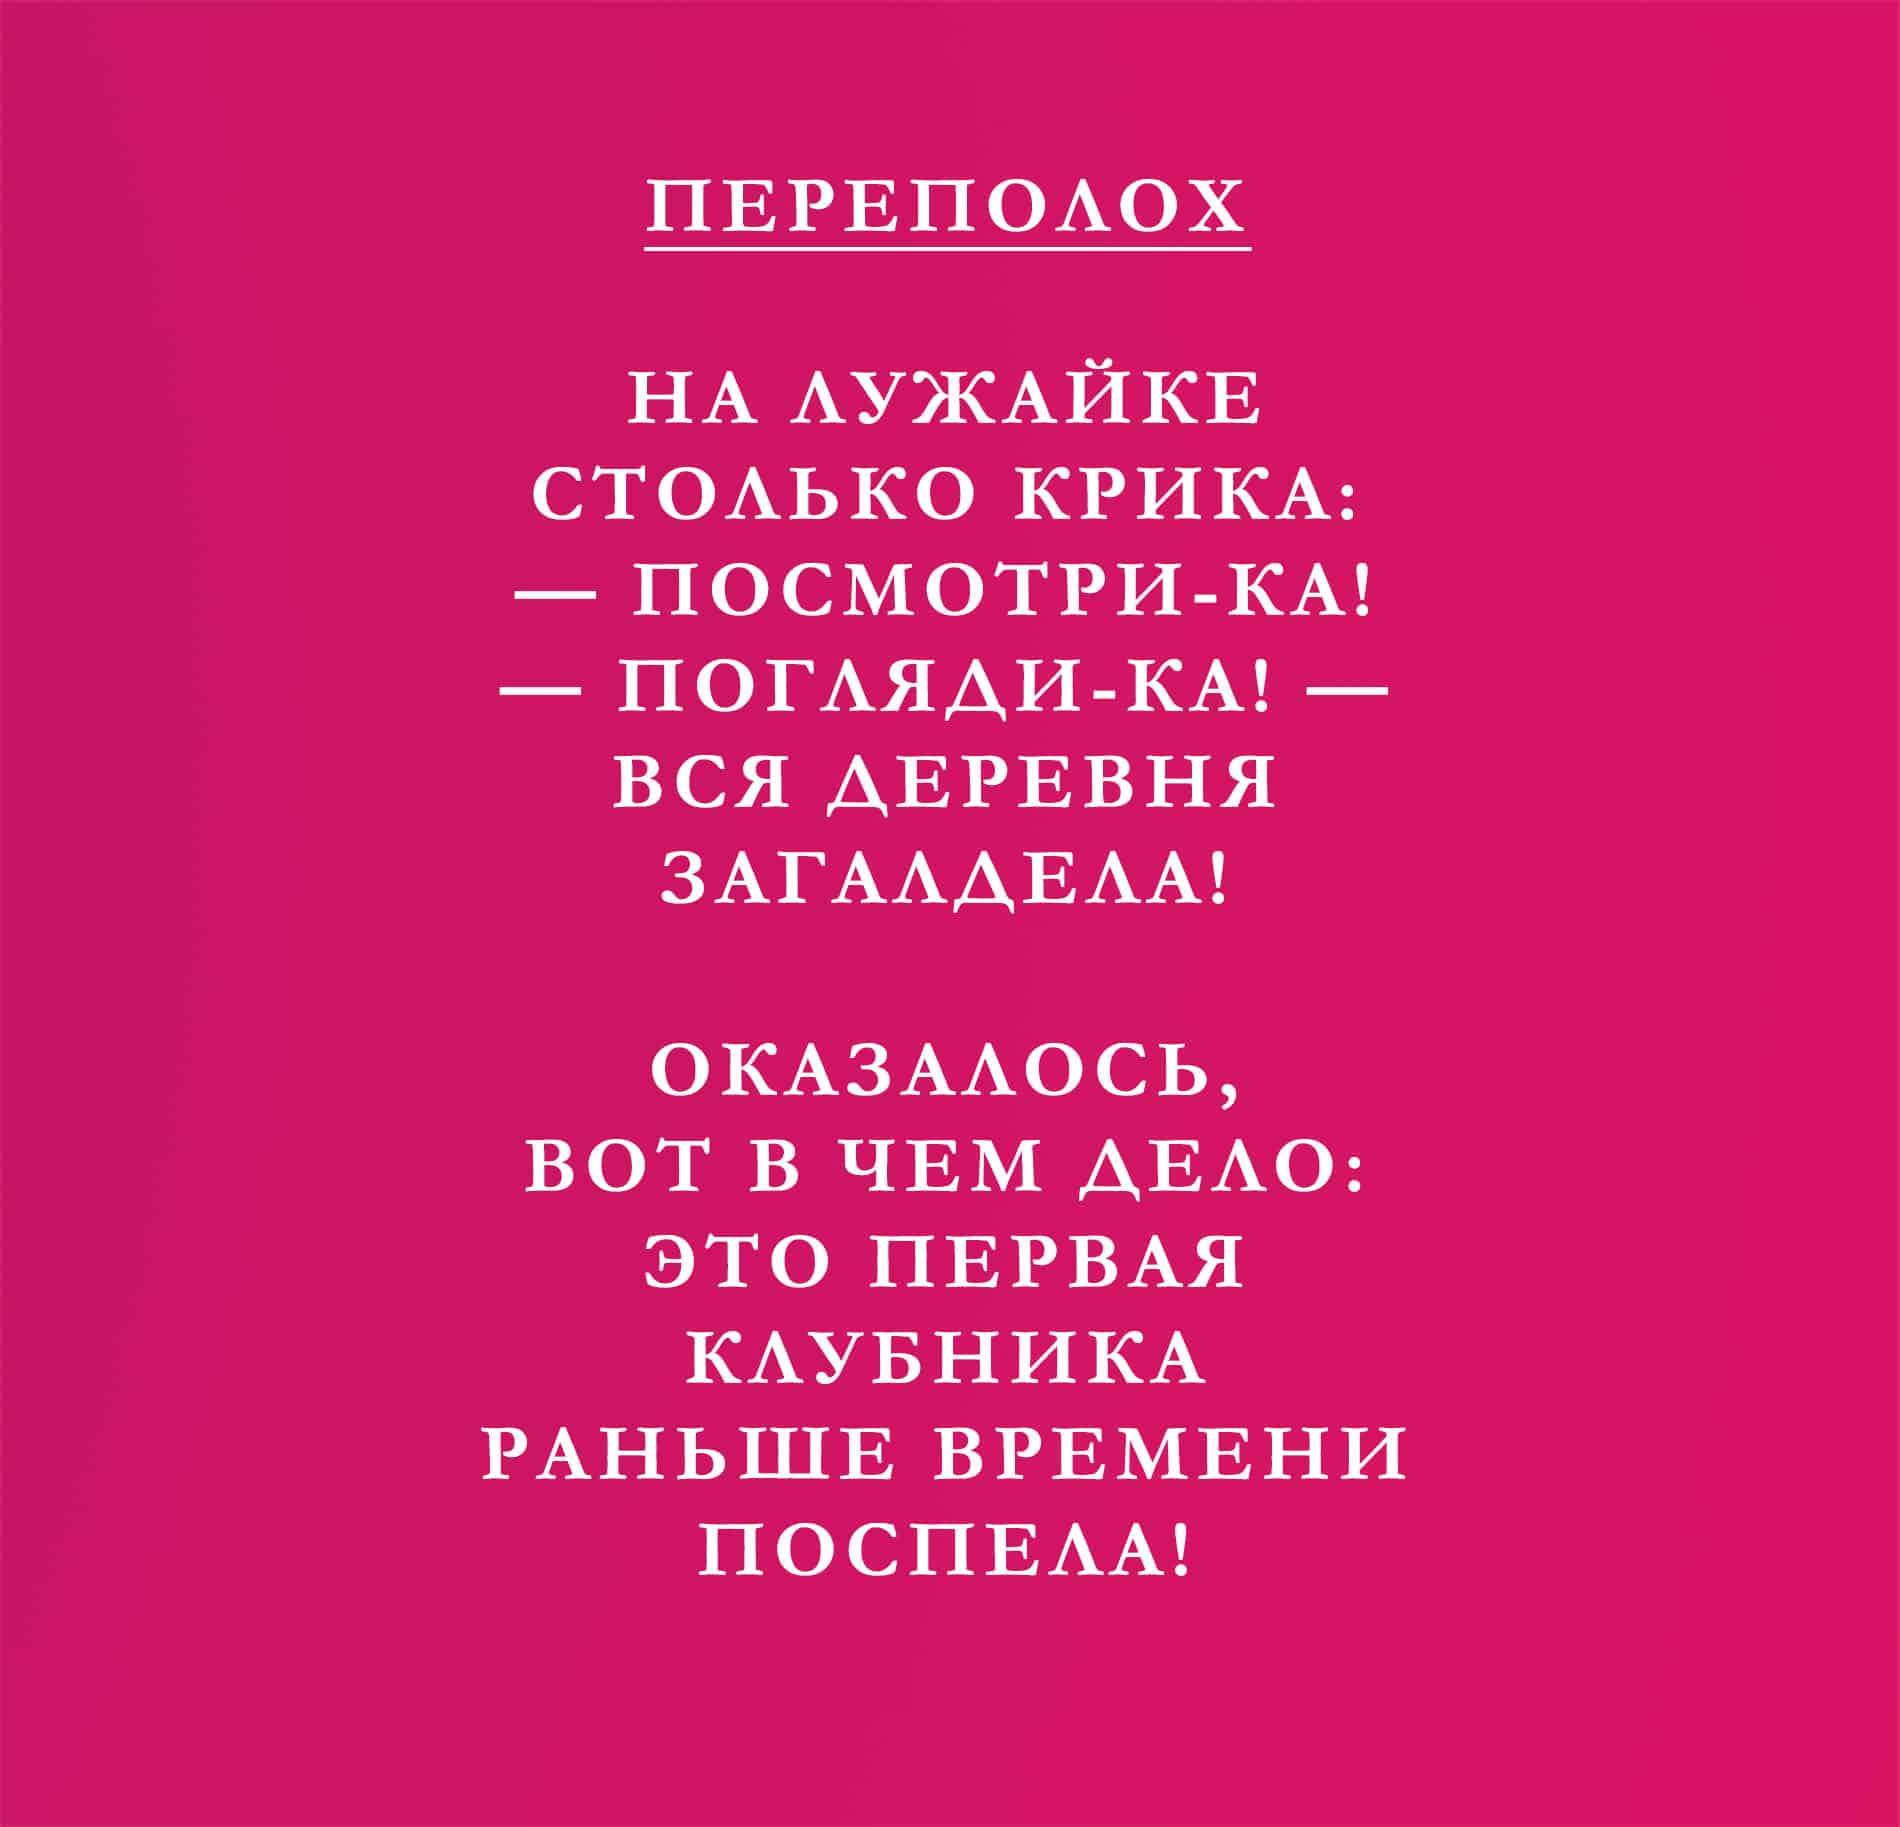 stishki